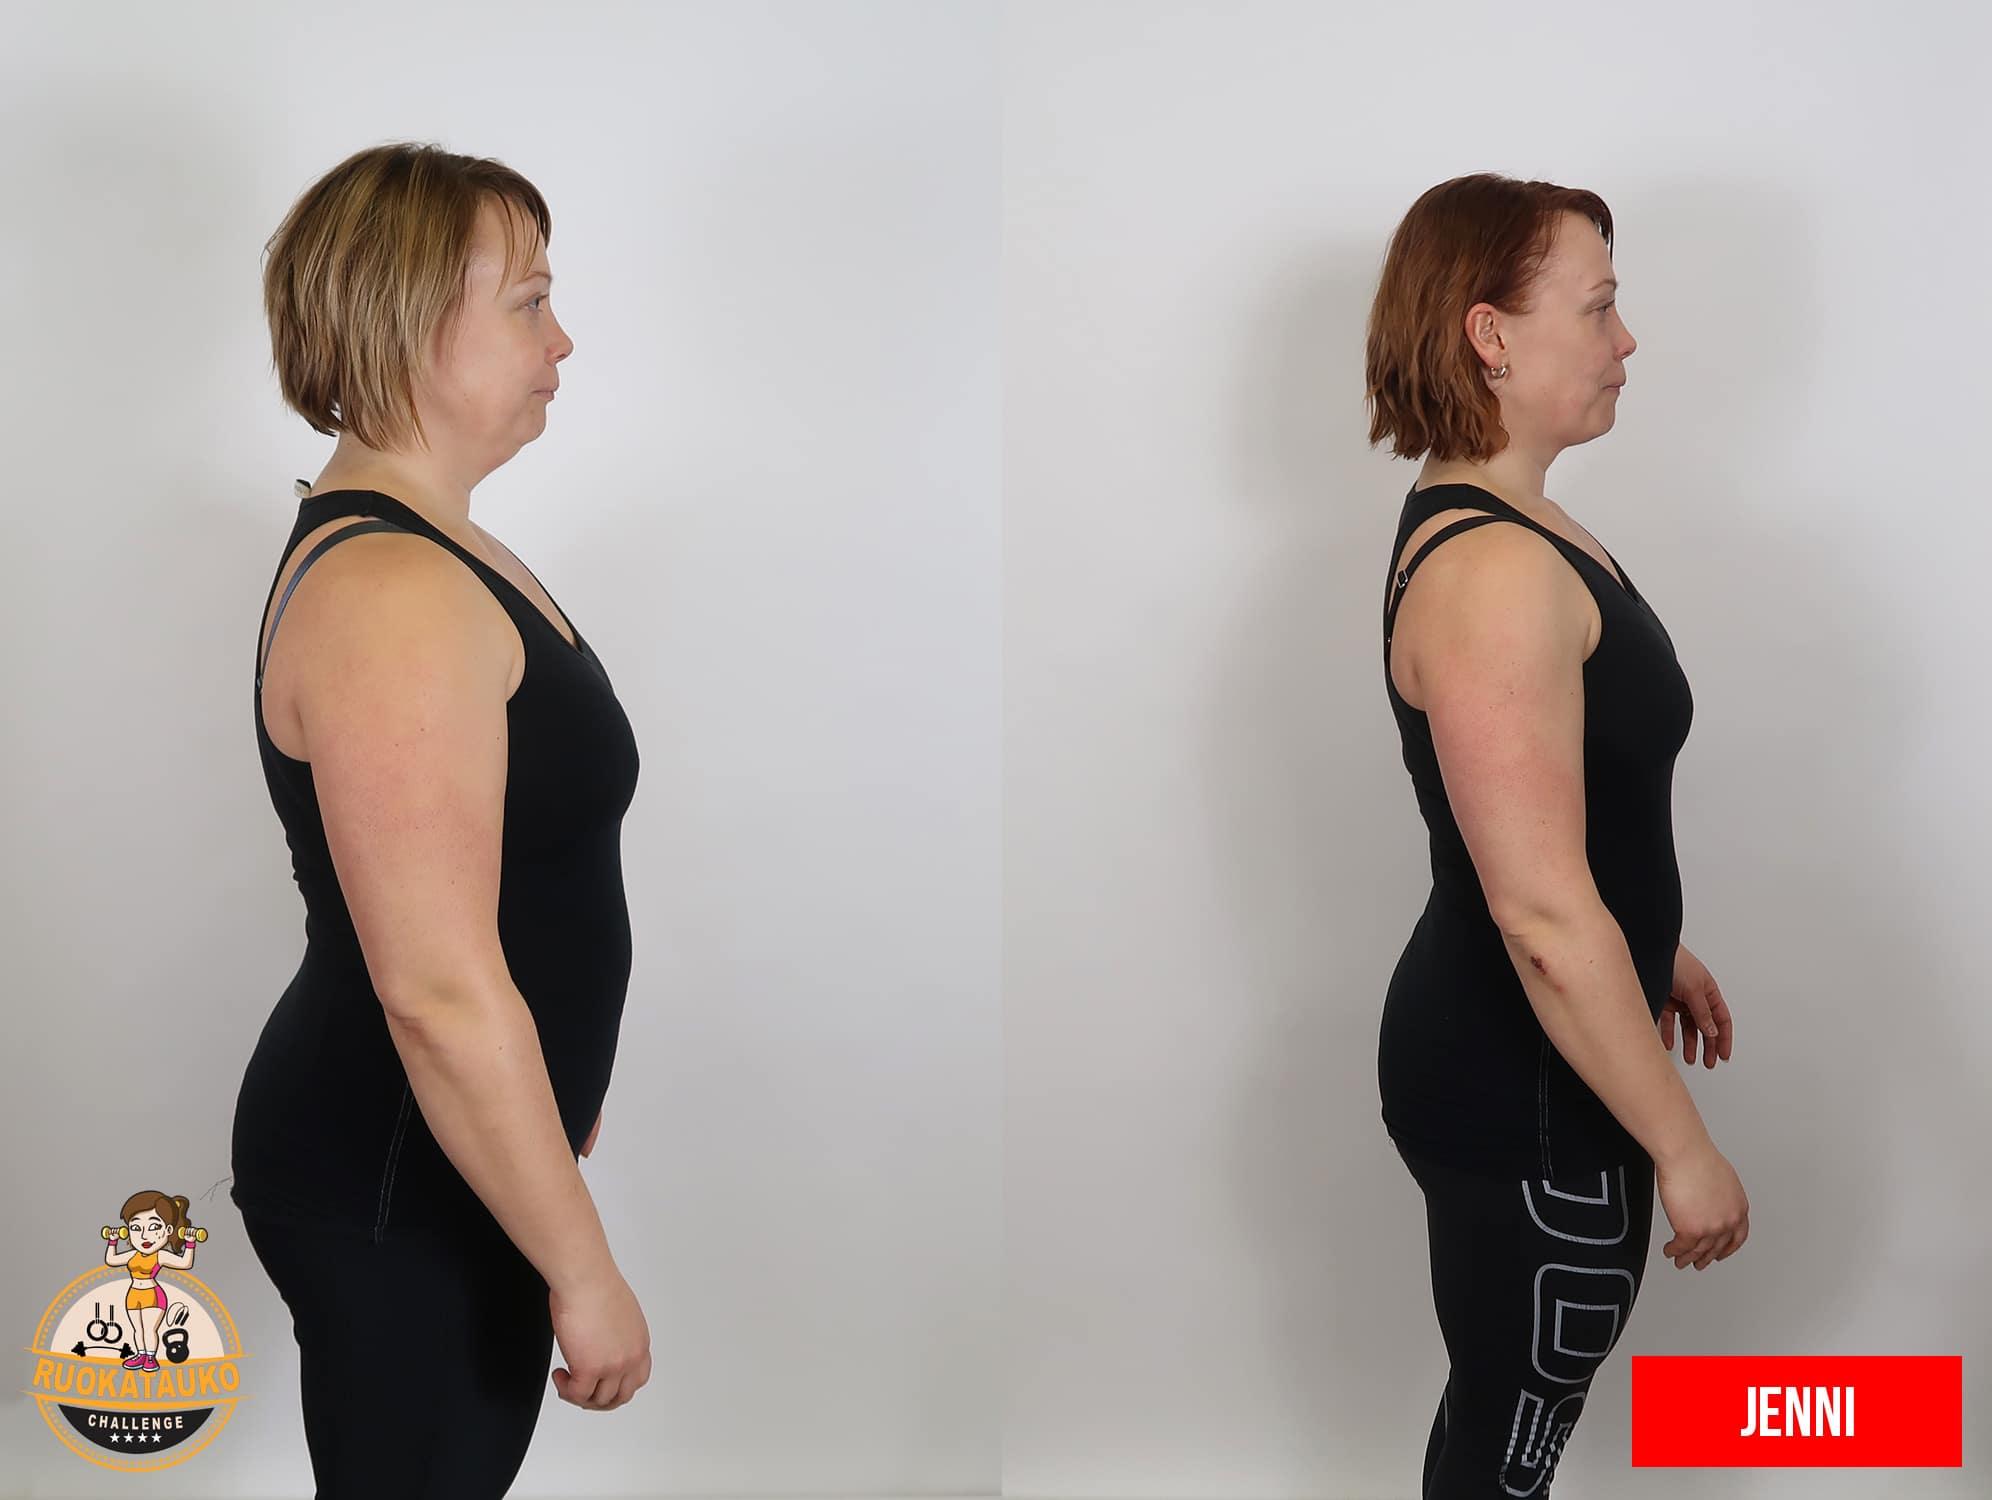 nainen sivulta ennen ja jälkeen